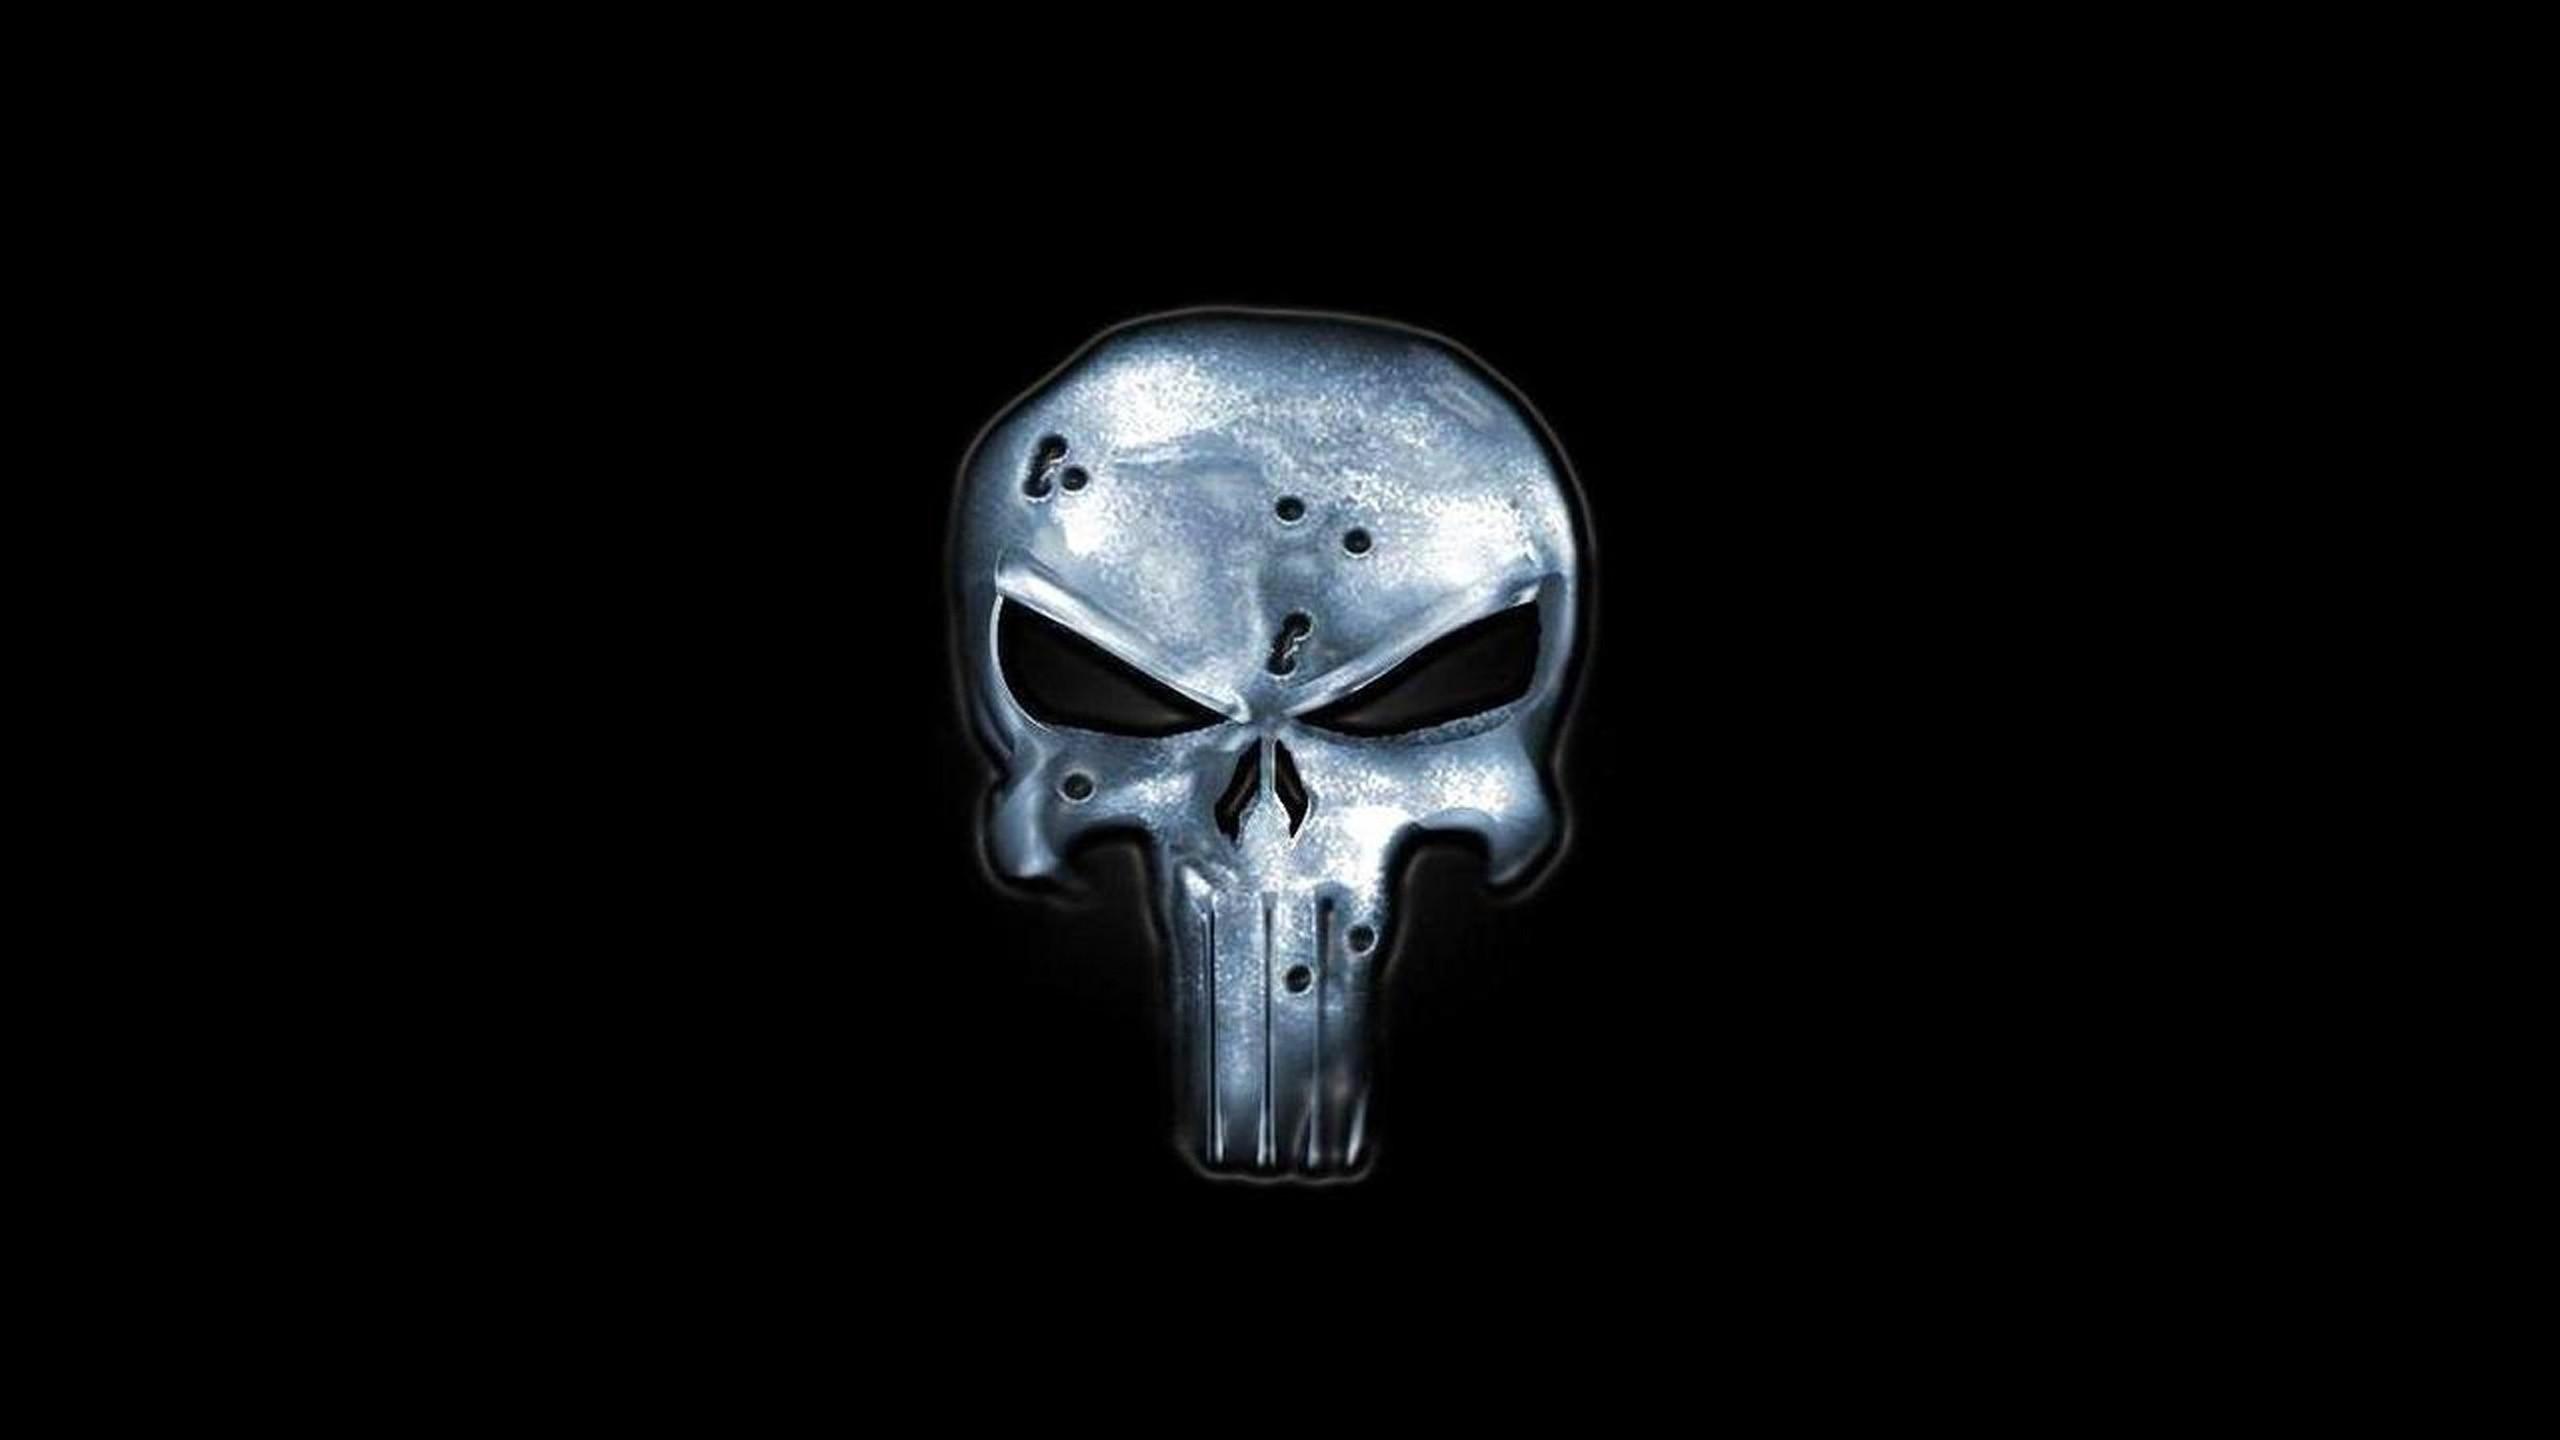 The Punisher Skull Wallpaper